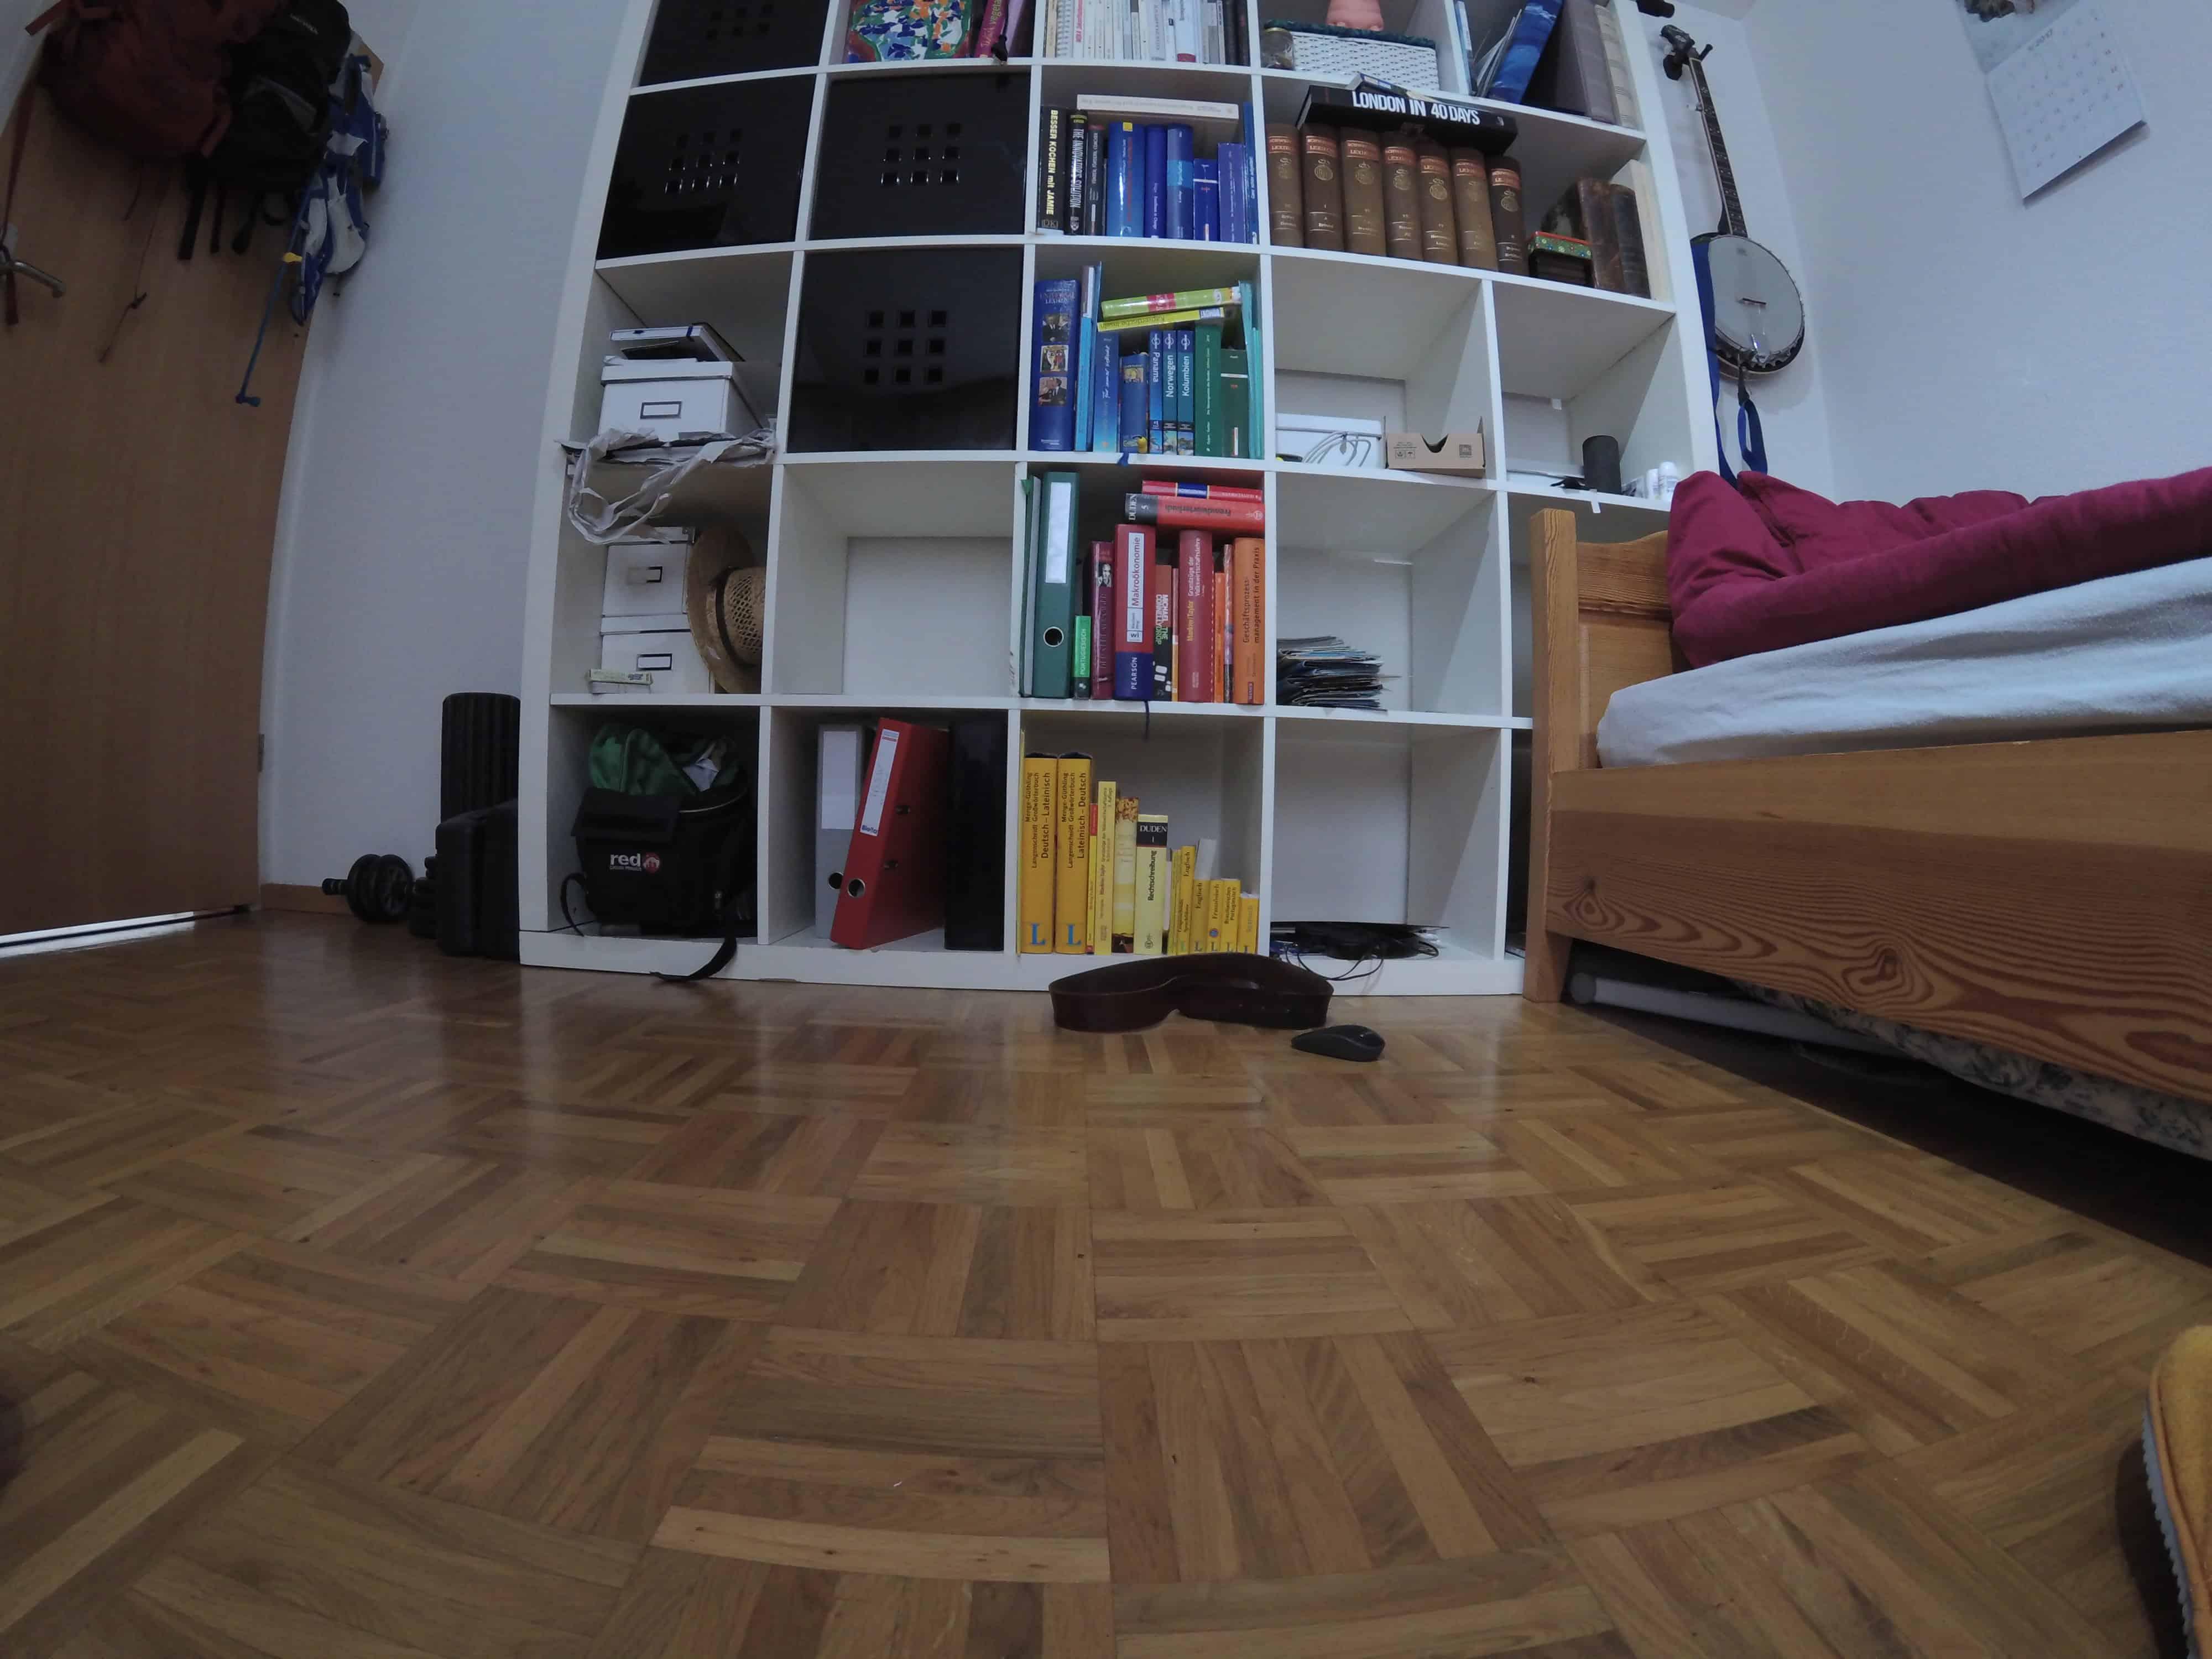 Yi 4K+ Lens Correction